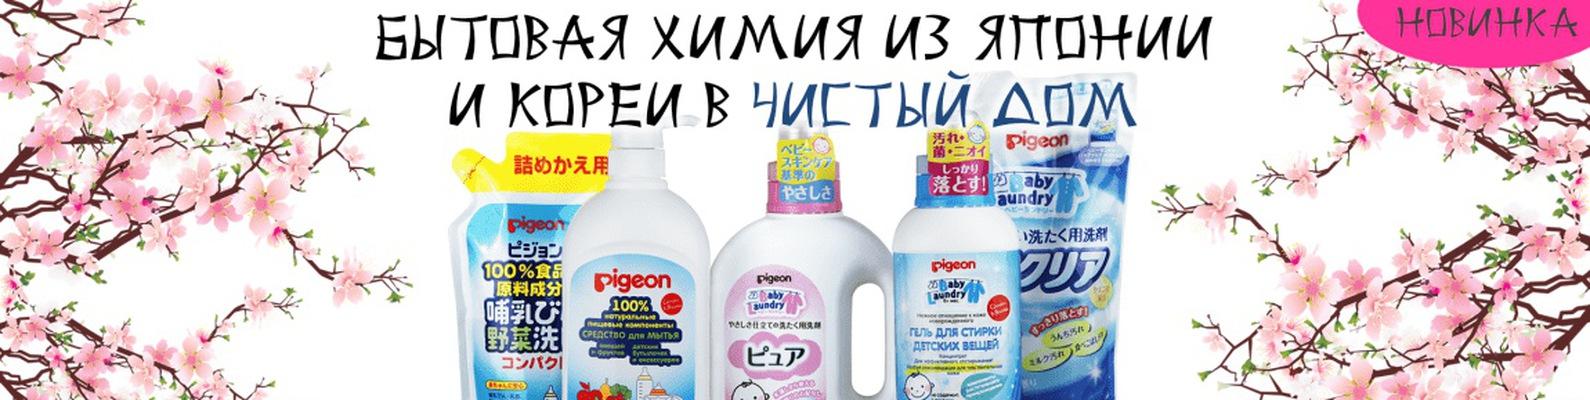 Косметика бытовая химия япония корея купить avon men